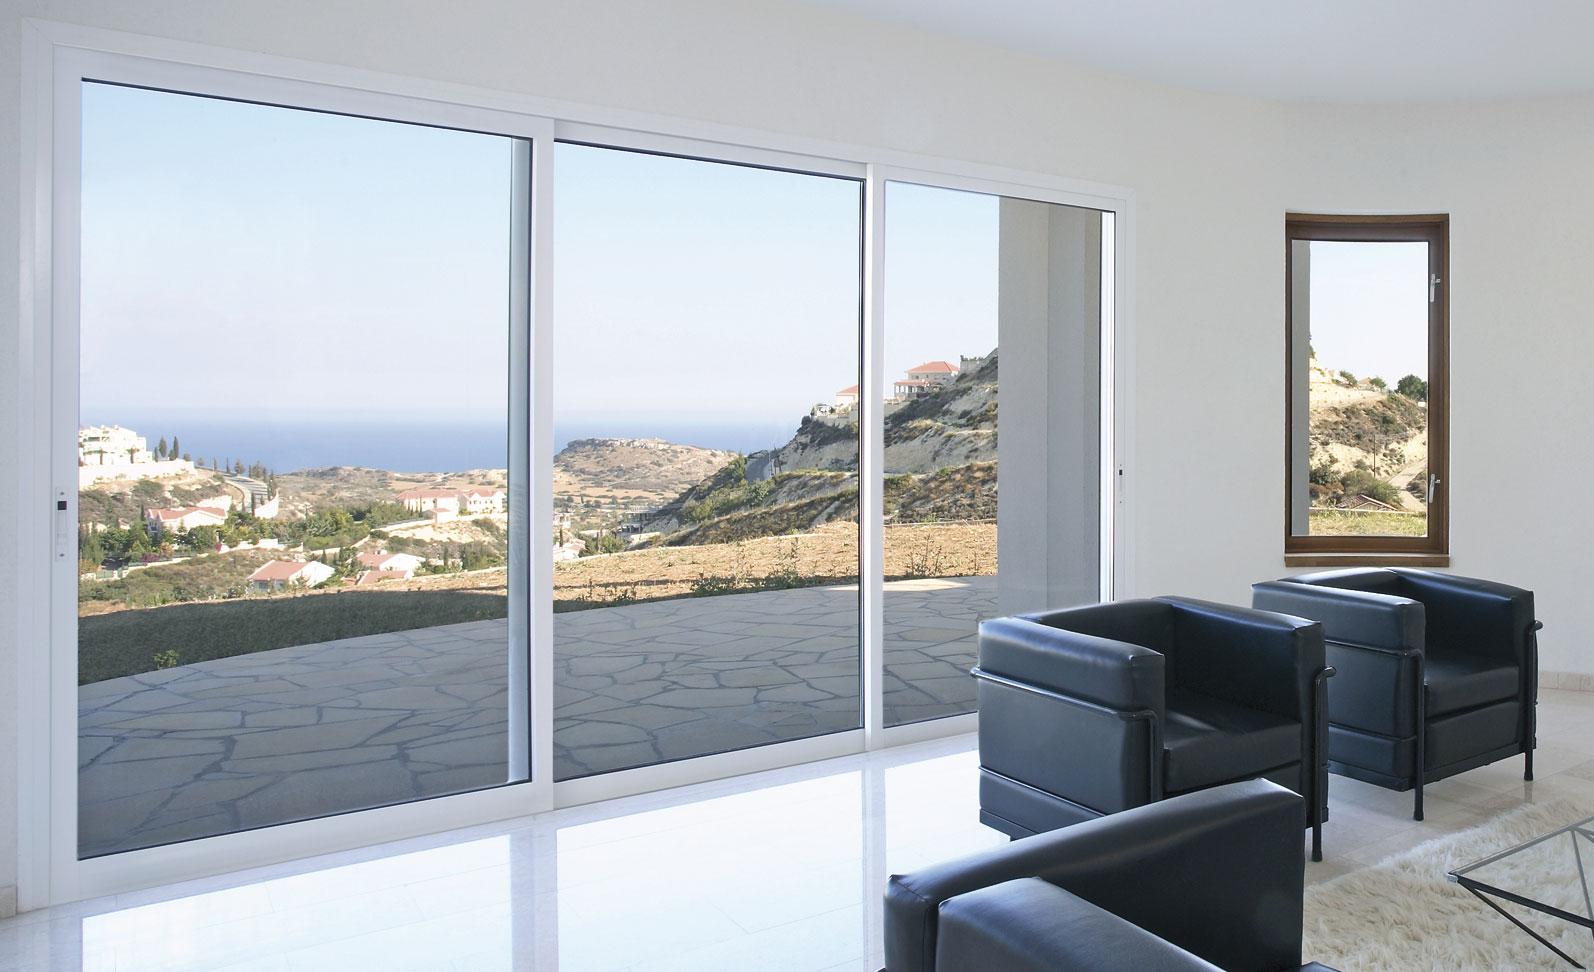 Cerramientos ventanas pvc en madrid aislamiento ac stico for Ventanas de pvc doble vidrio argentina